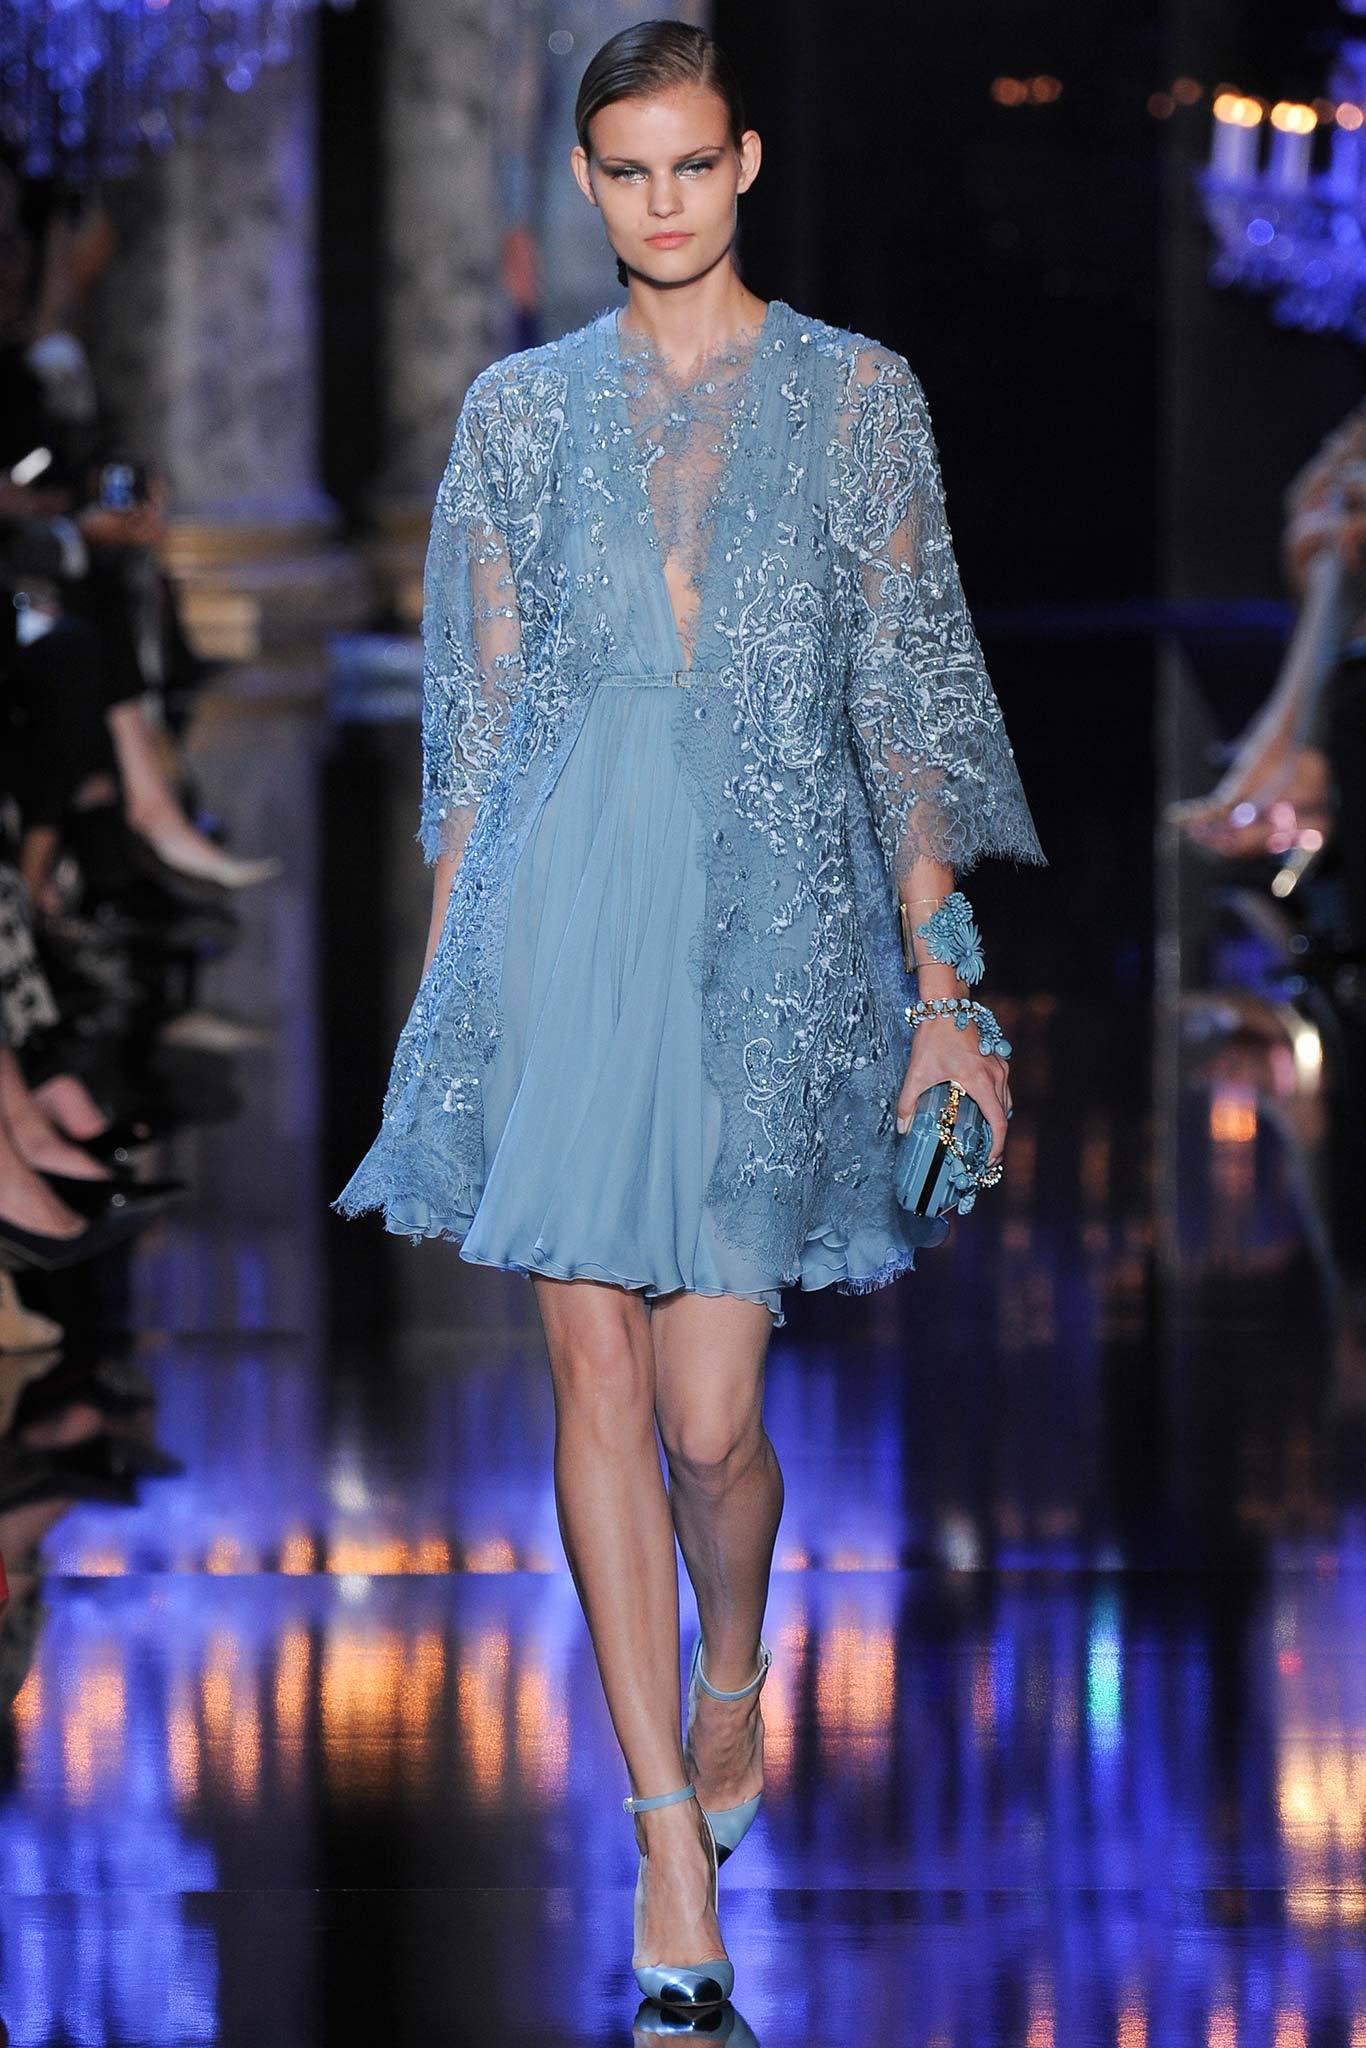 Elie-Saab-Couture-Fall2014-01a.JPG